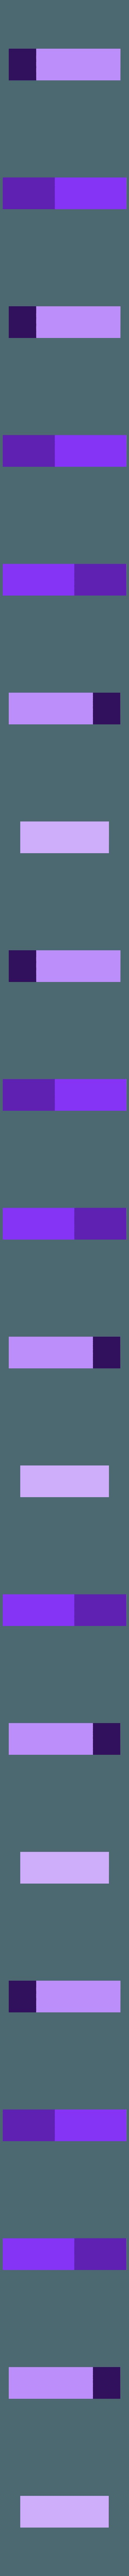 jeux echec bac2.STL Télécharger fichier STL gratuit boite de rangement jeux d'échecs • Design imprimable en 3D, 27si3d